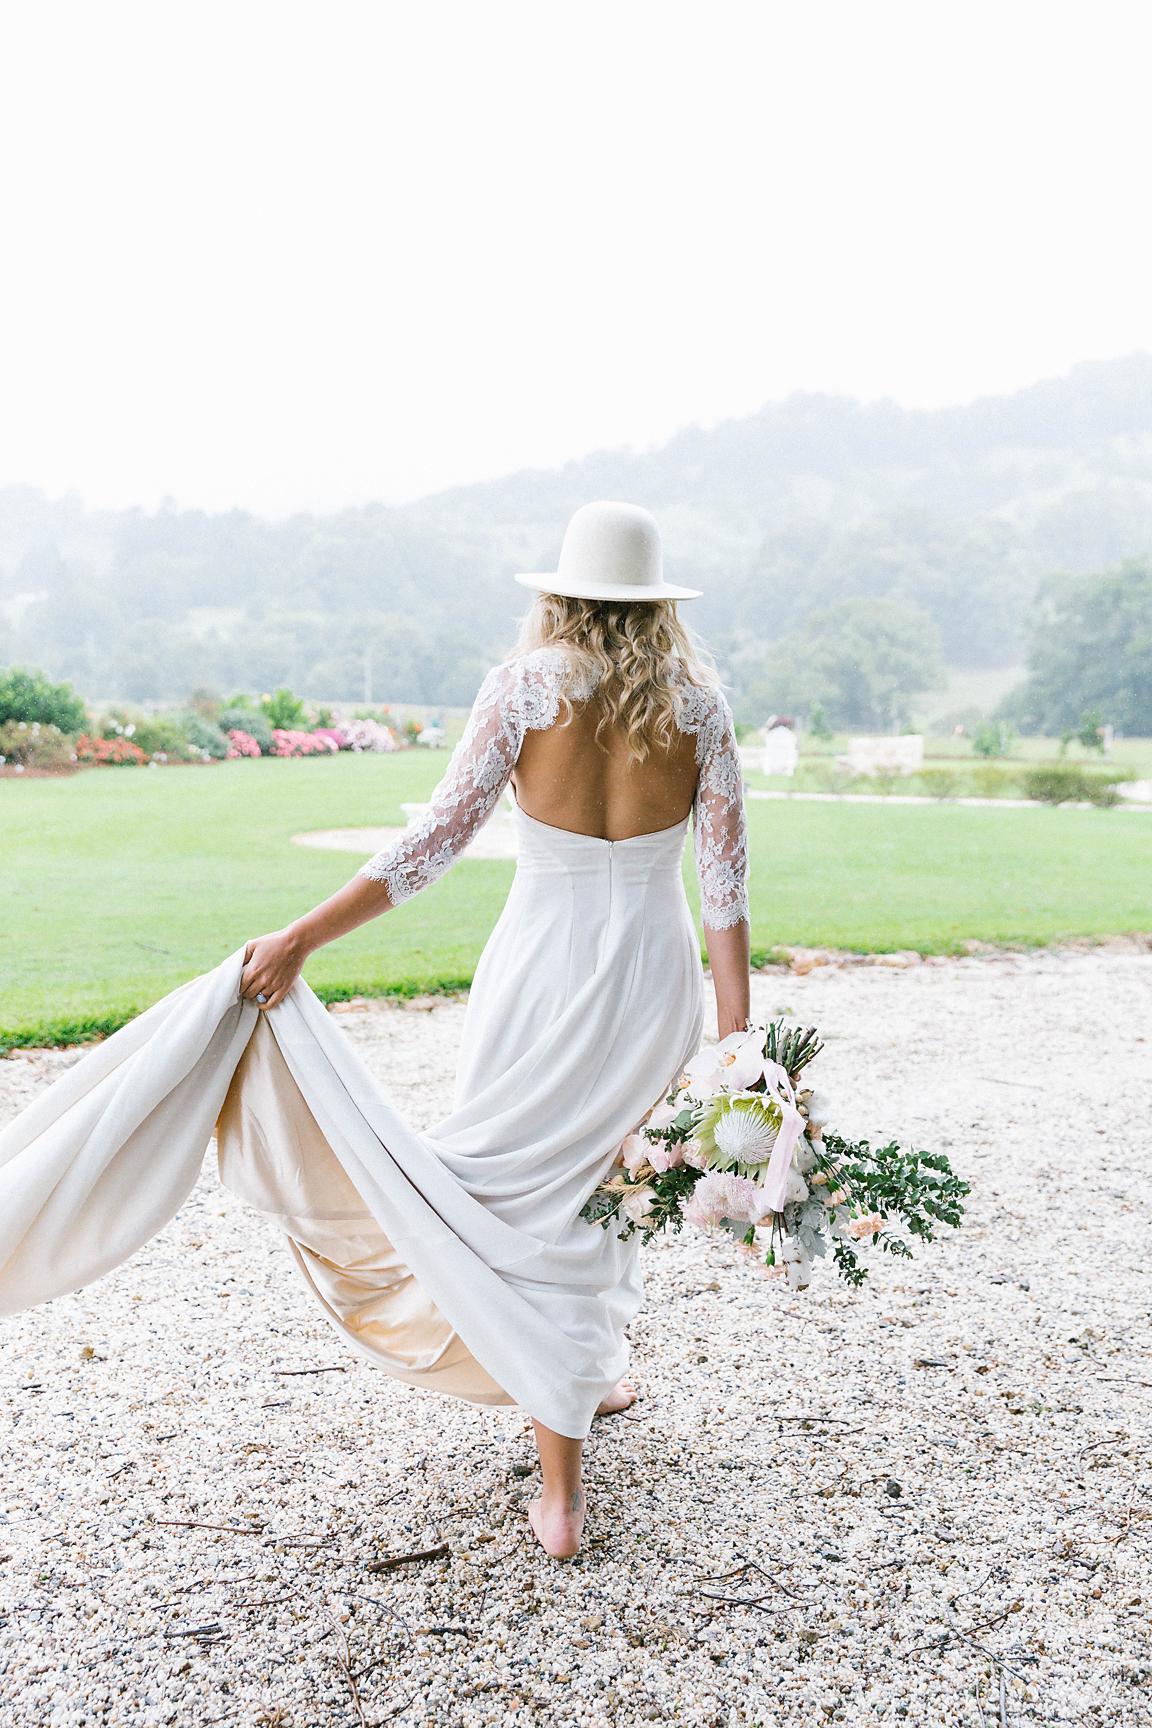 Poppy & Sage Brisbane Wedding Photographer